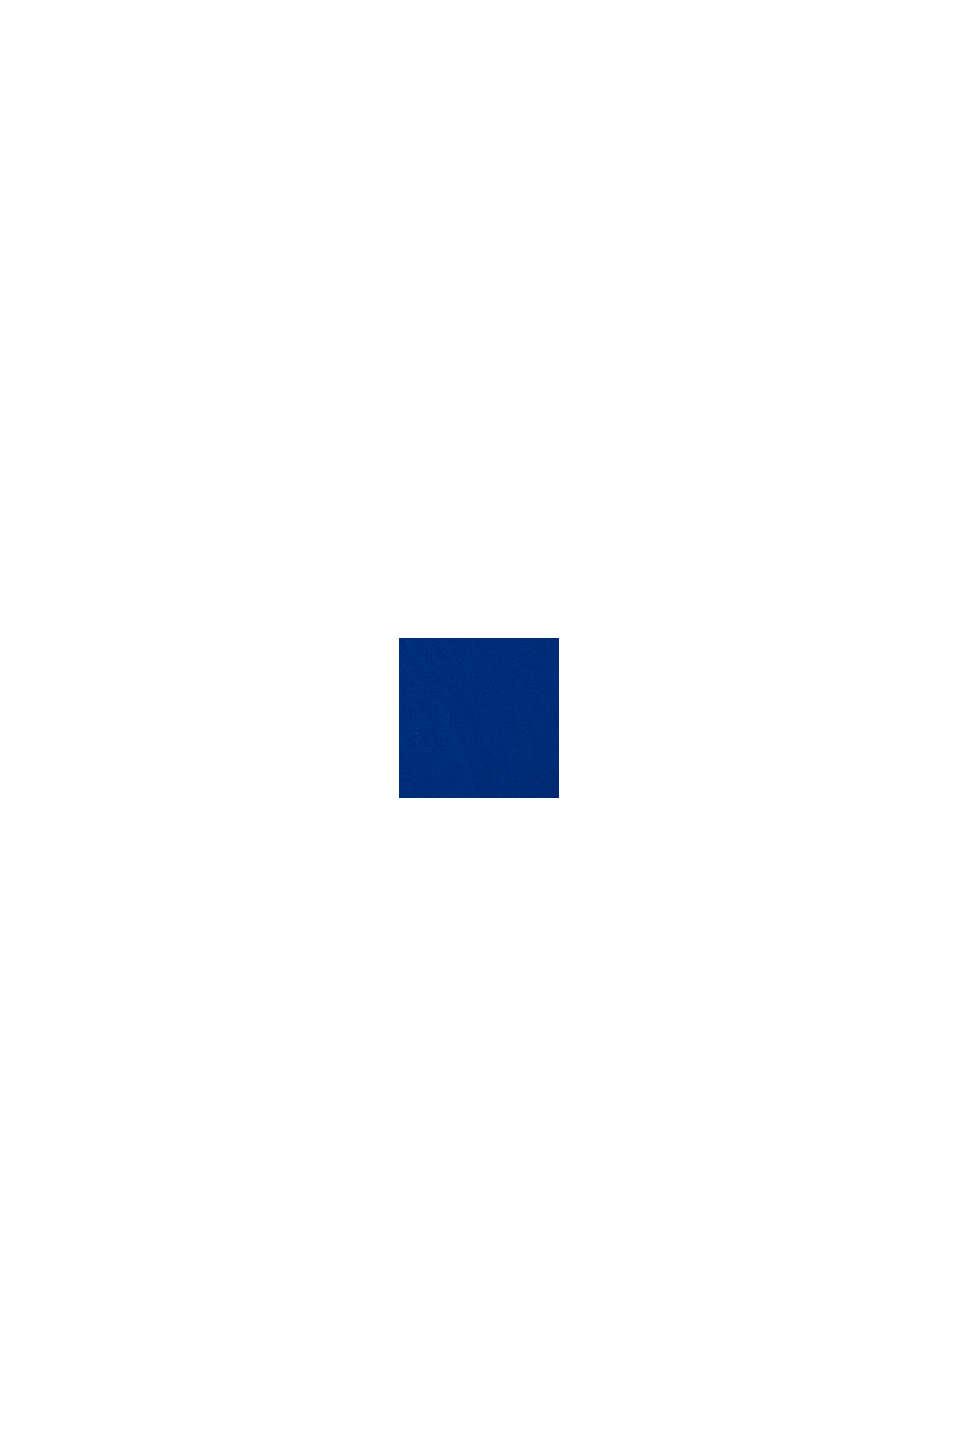 T-shirt van 100% katoen met logo, BRIGHT BLUE, swatch